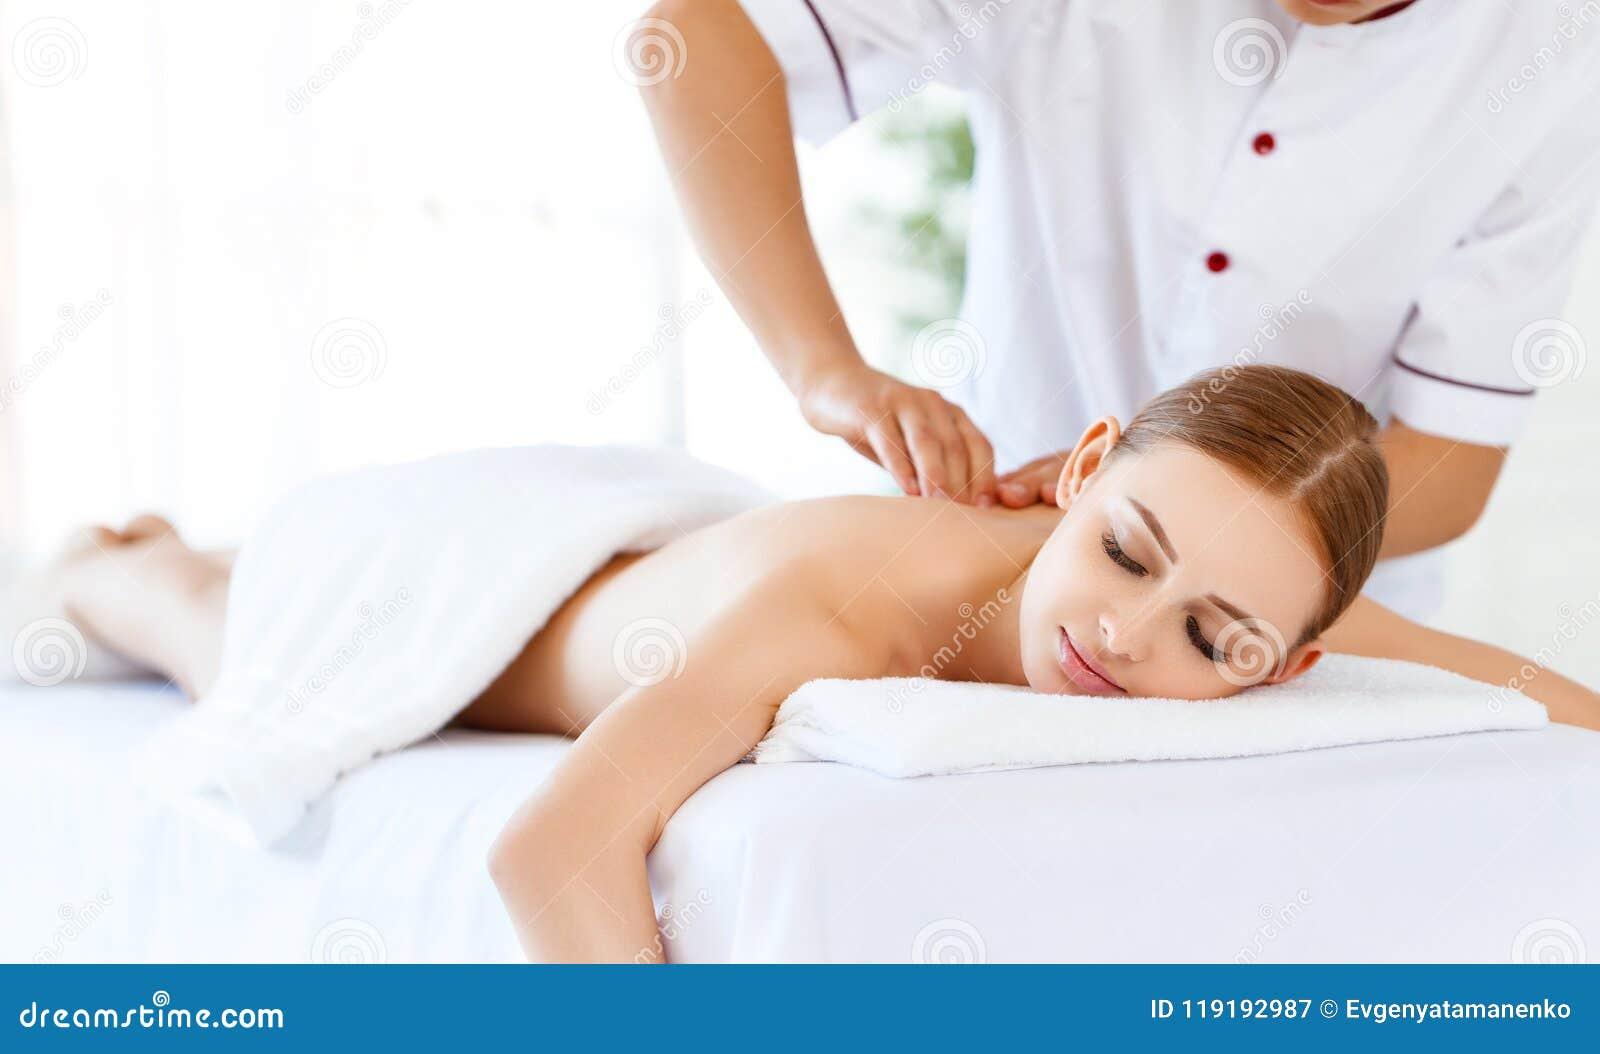 Красивая девушка наслаждается обработками массажа и курорта